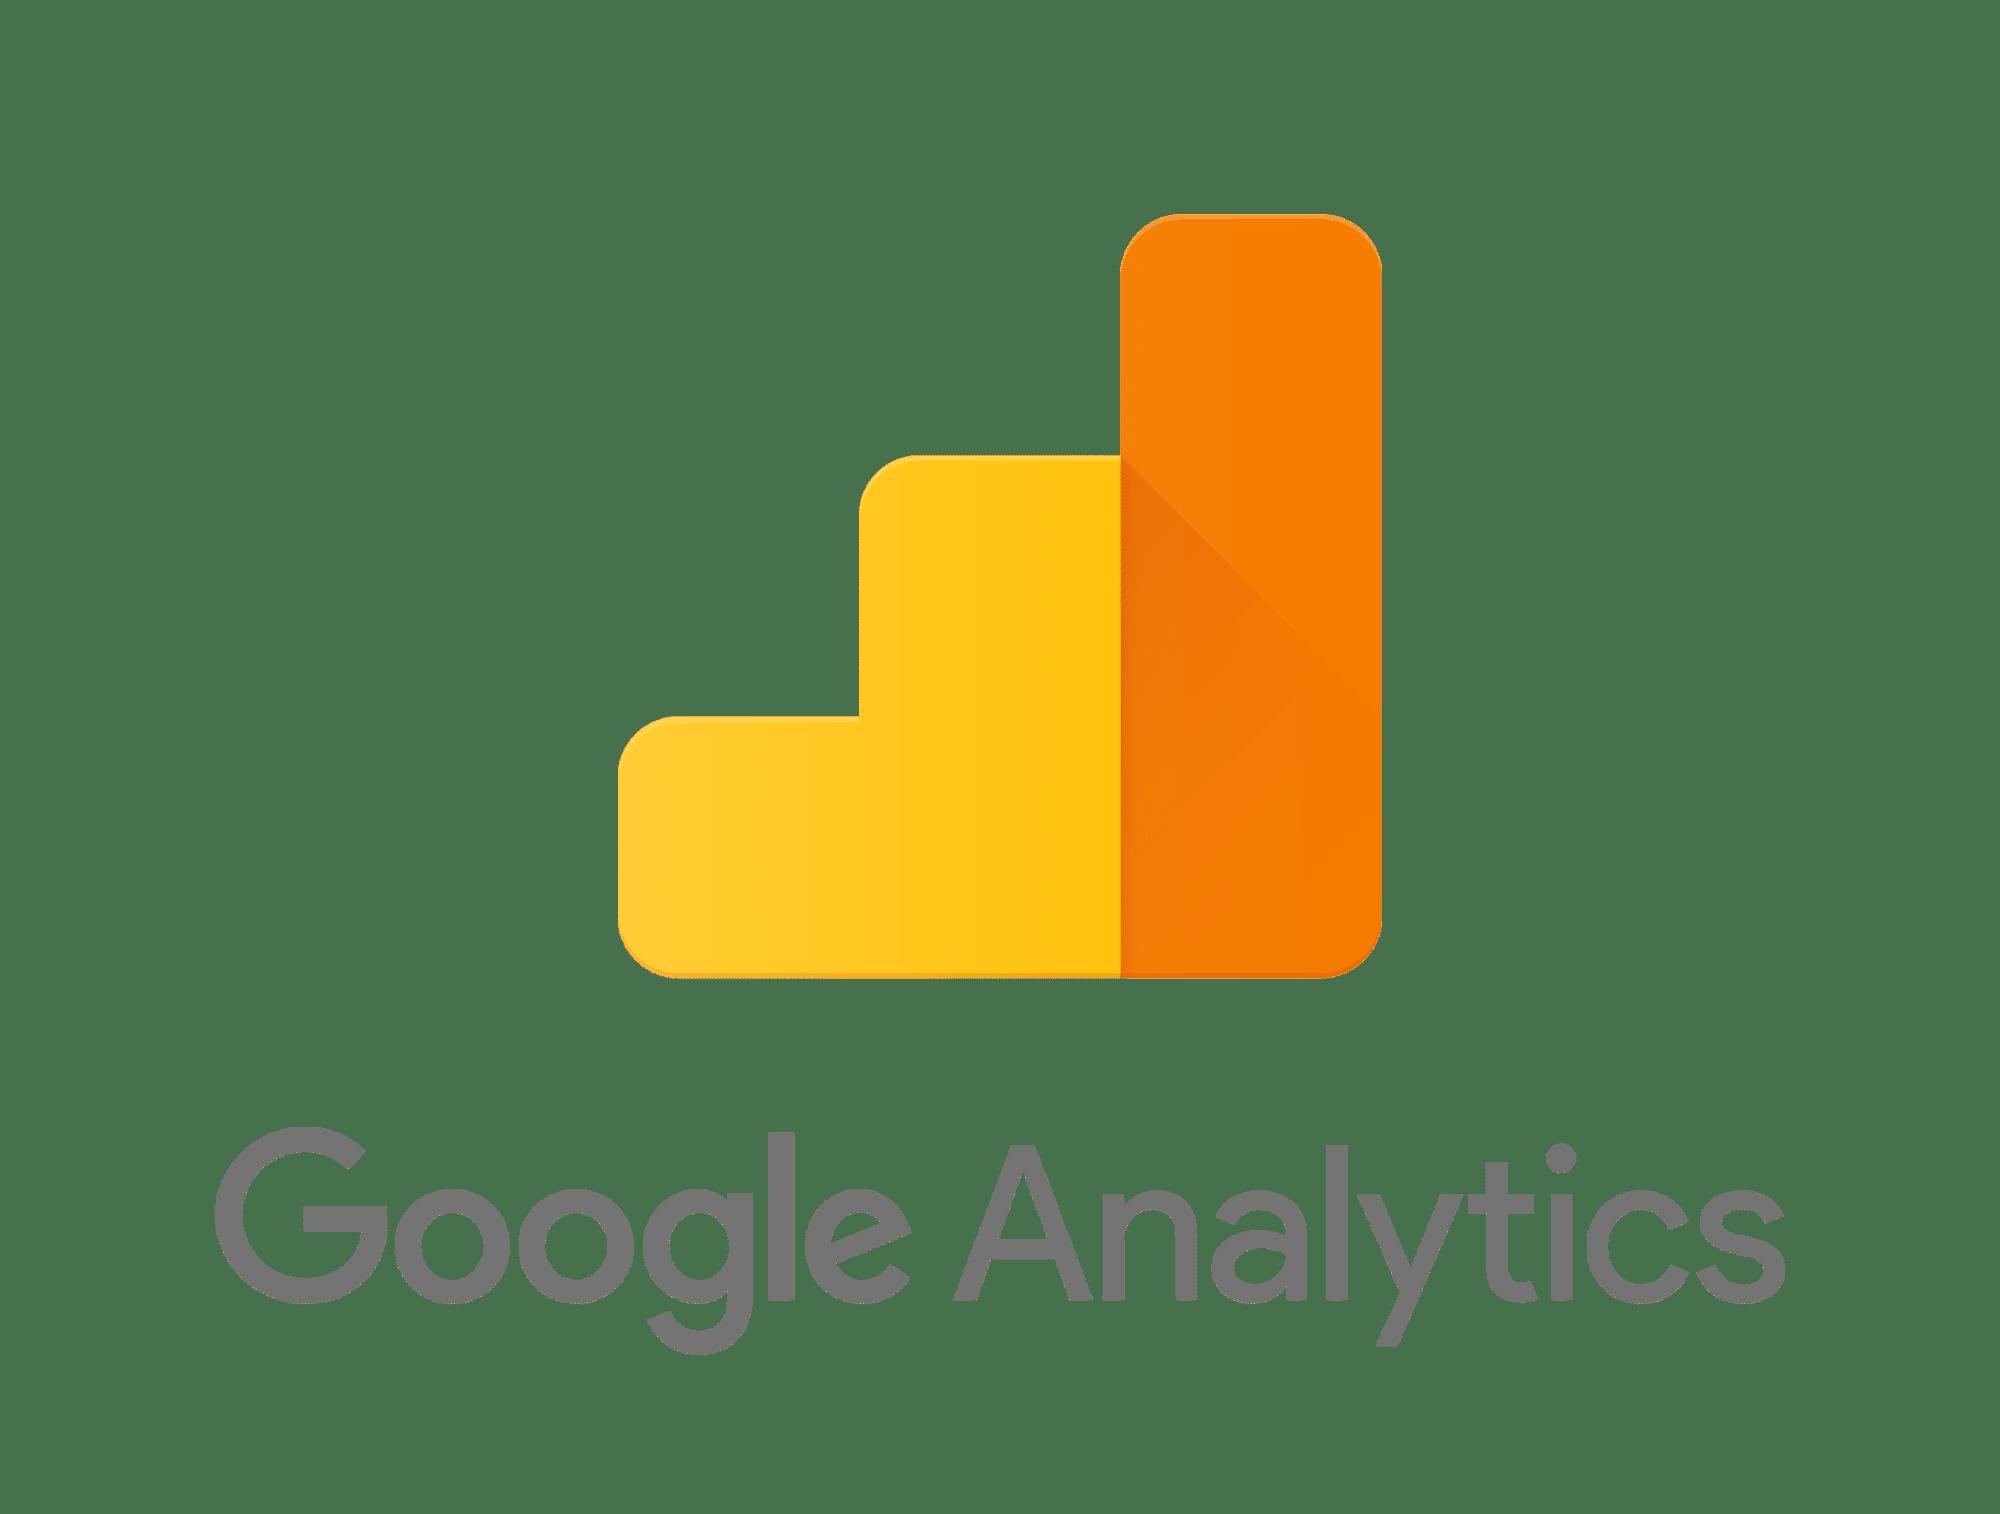 Implémenter Google Analytics API dans votre site